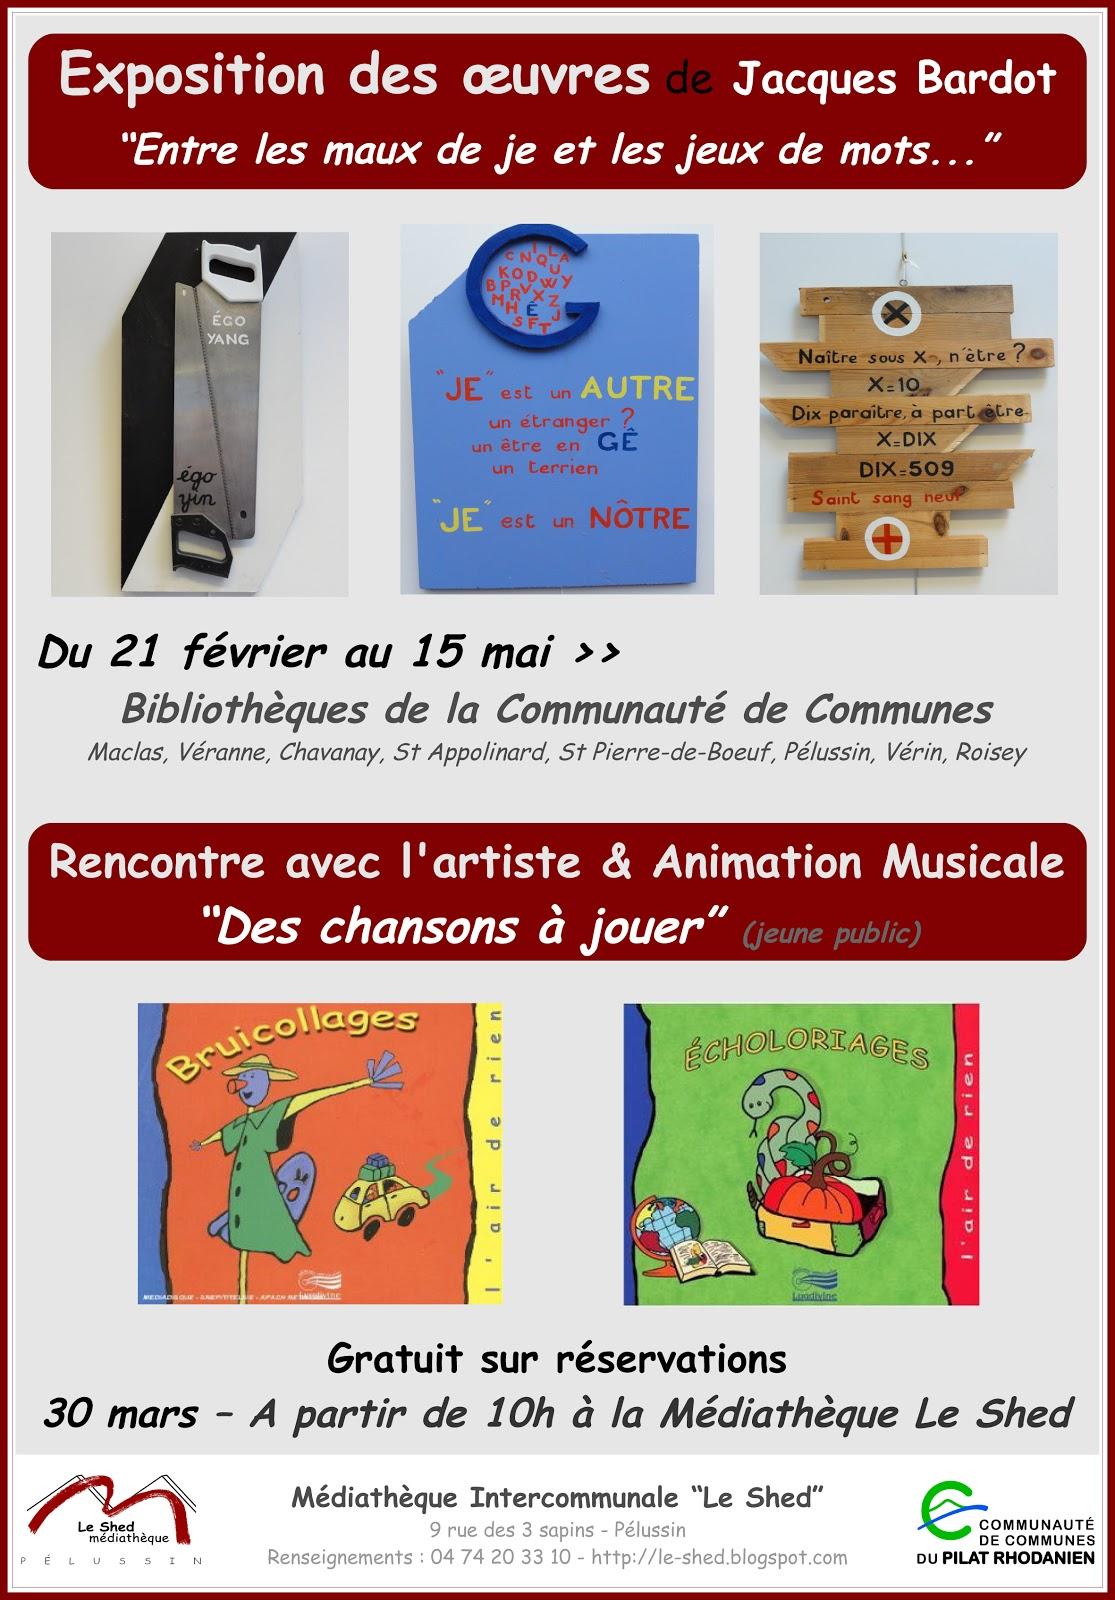 Exposition des œuvres de Jacques Bardot à la Médiathèque Le Shed de Pélussin